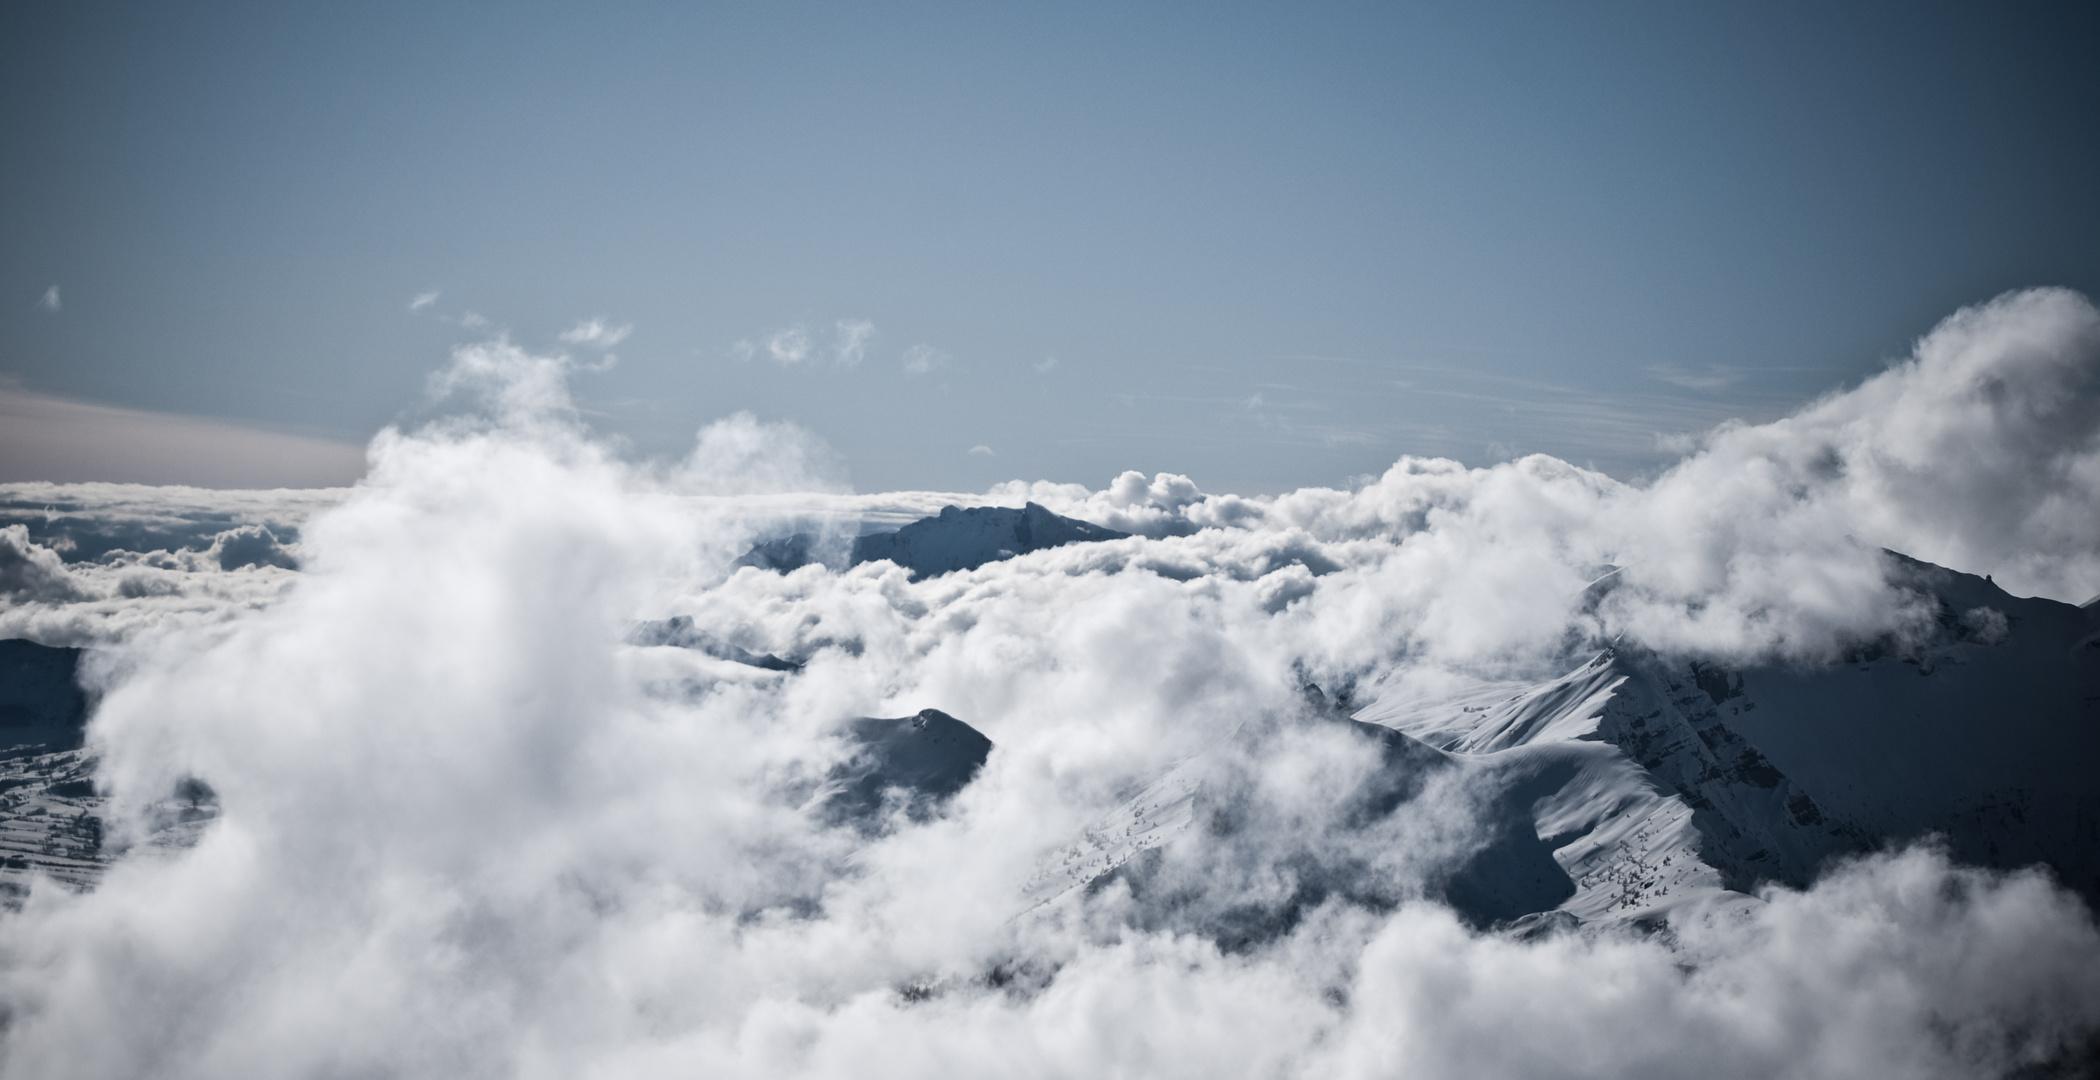 - Plane view -